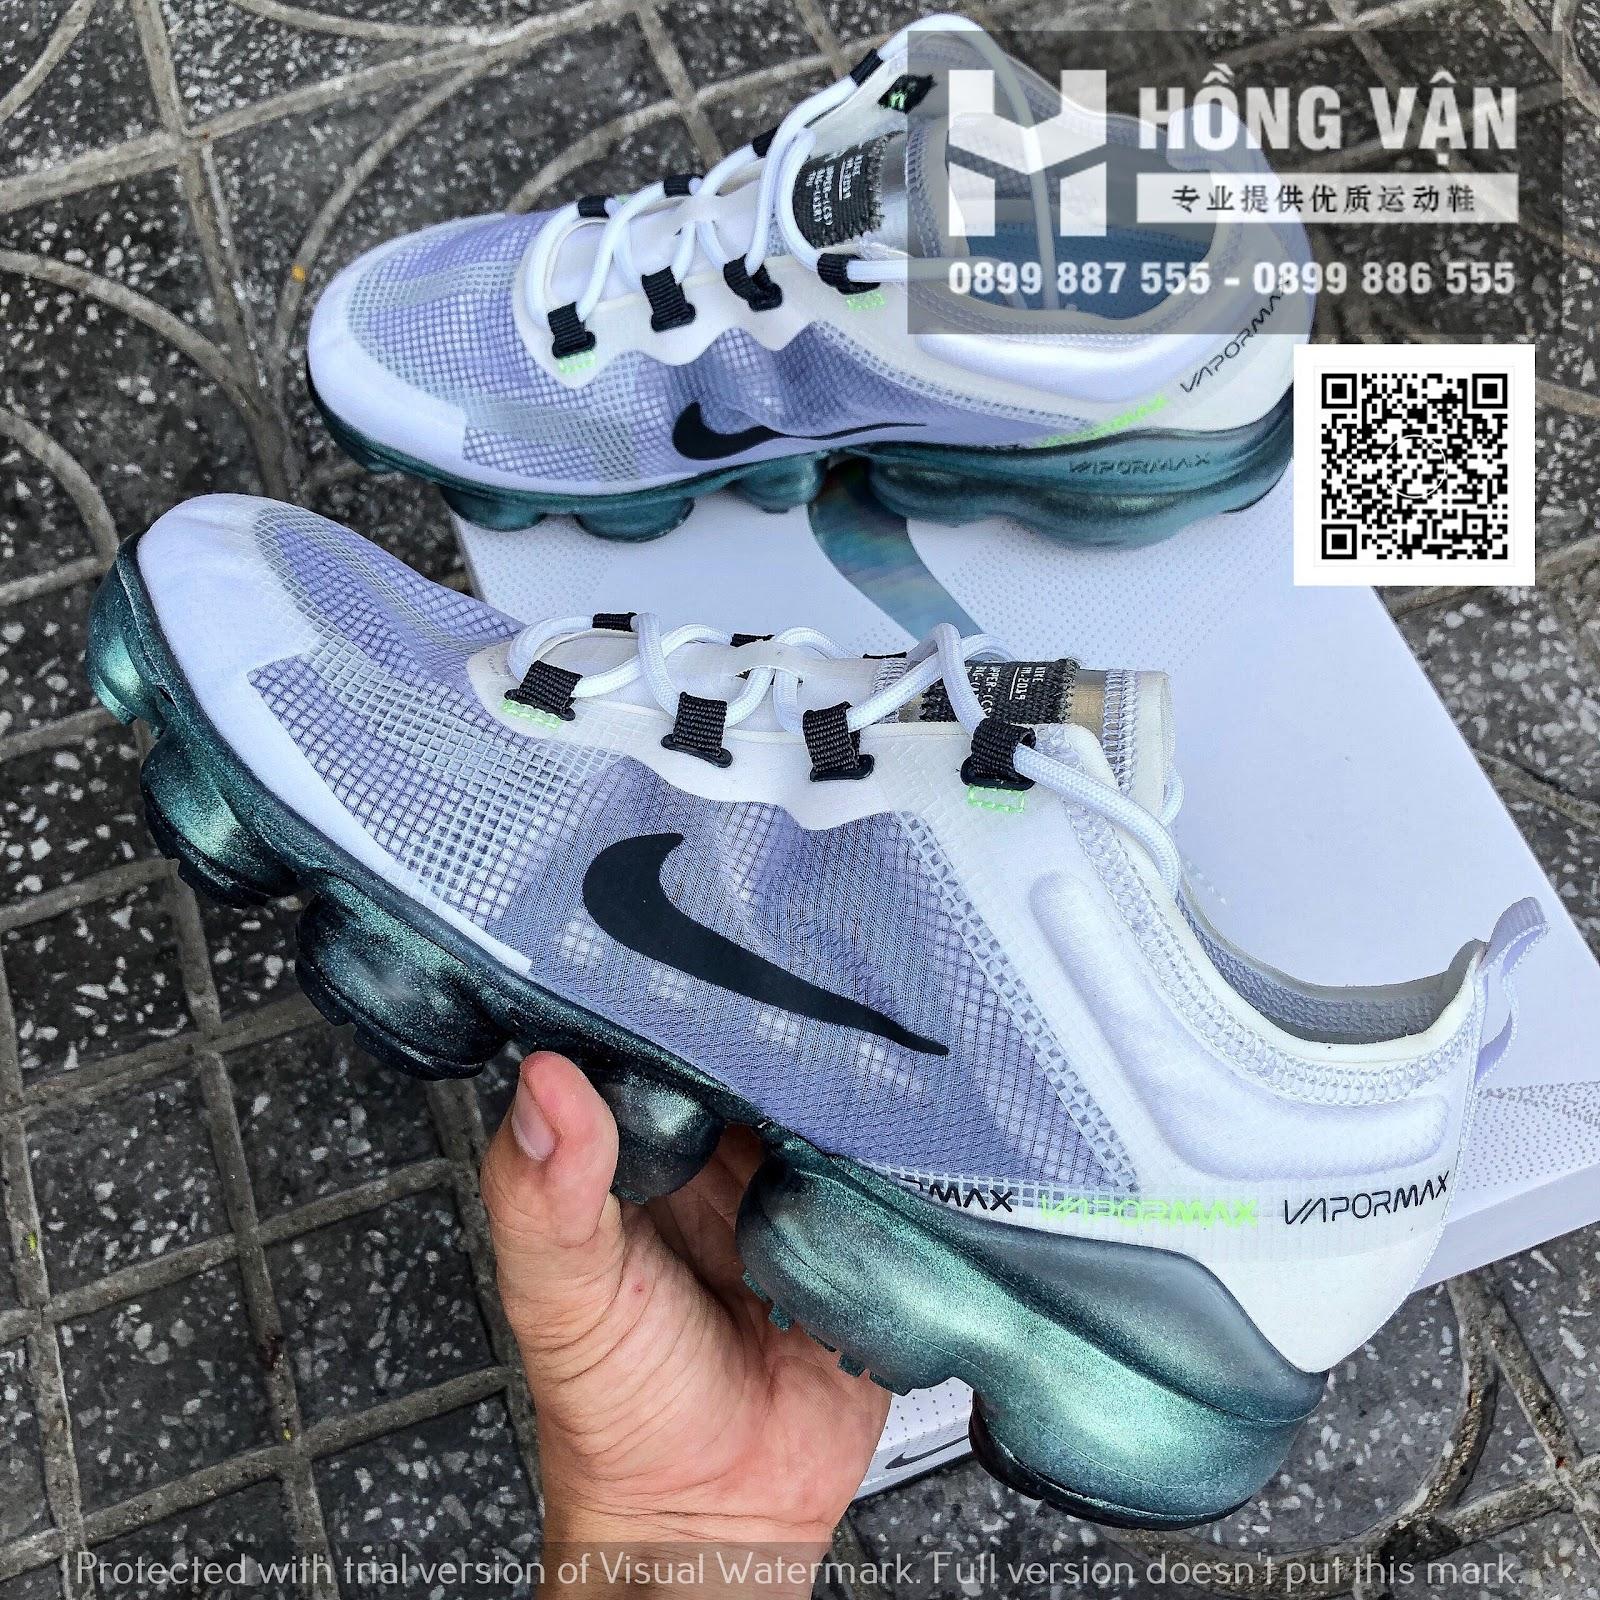 Hồng Vận - Nhà buôn sỉ giày thể thao và kèm theo những phụ kiện thể th - 7